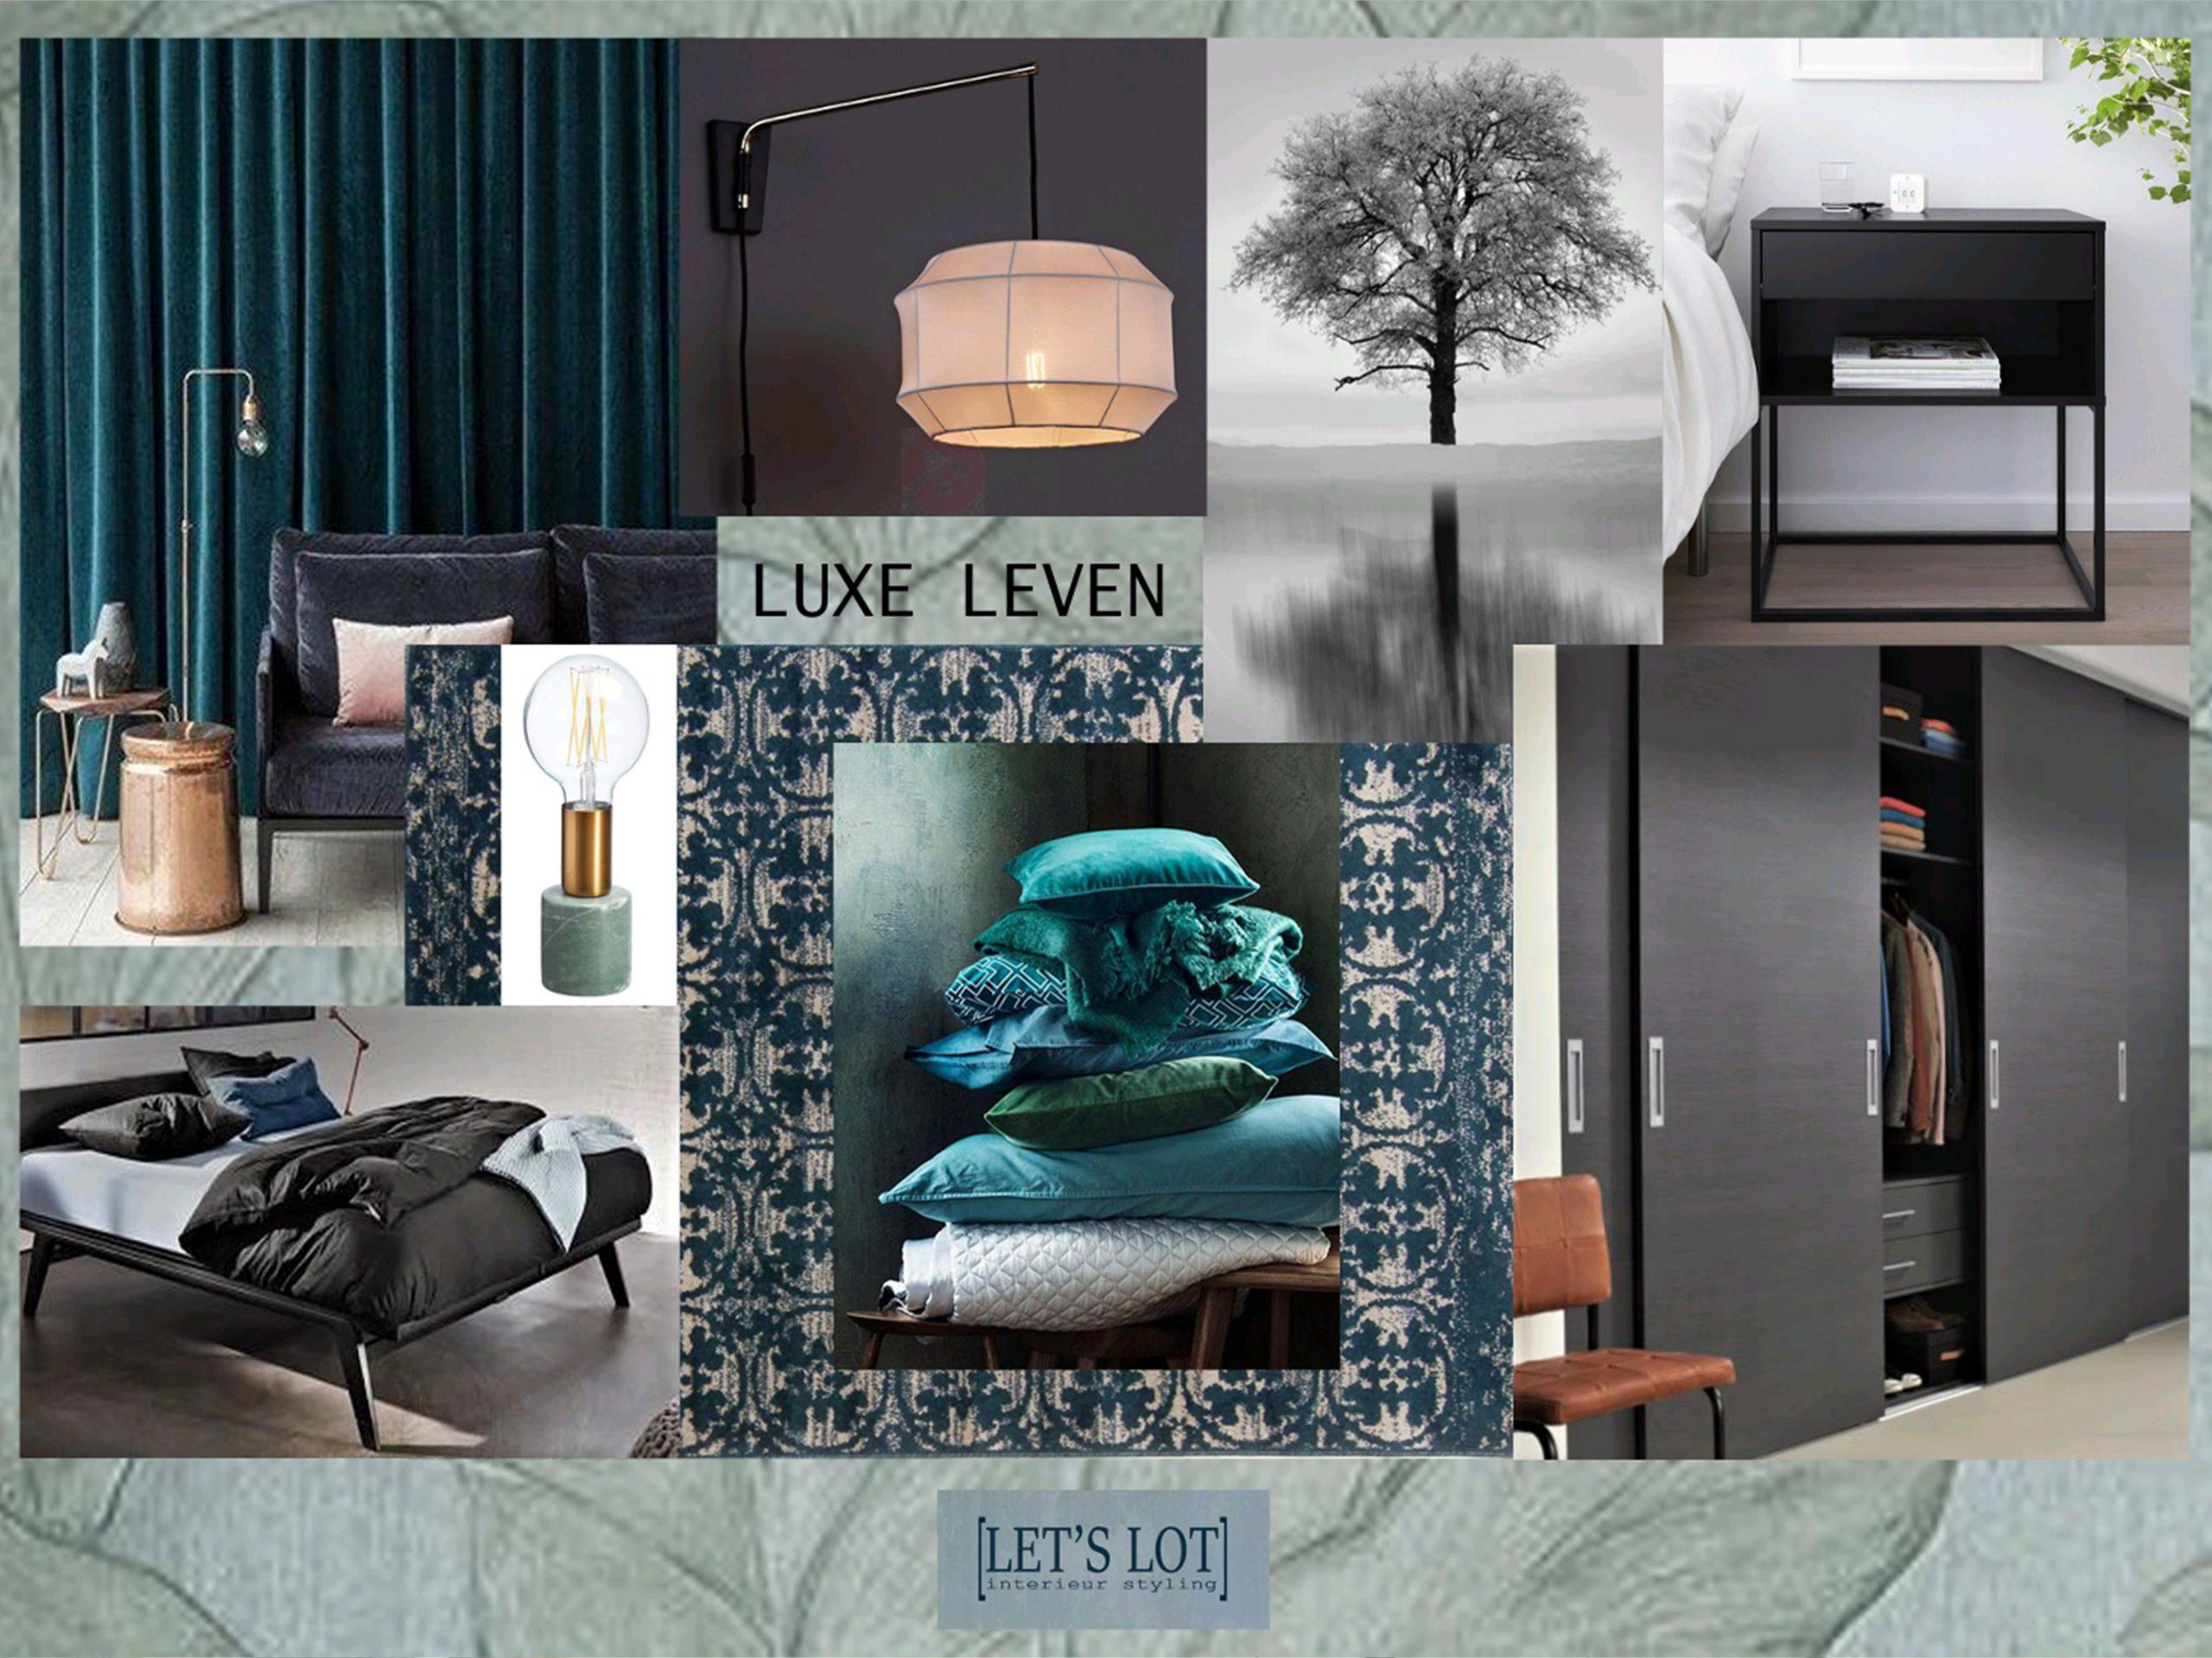 Dit moodboard van de slaapkamer straalt rust, luxe en eenheid uit.